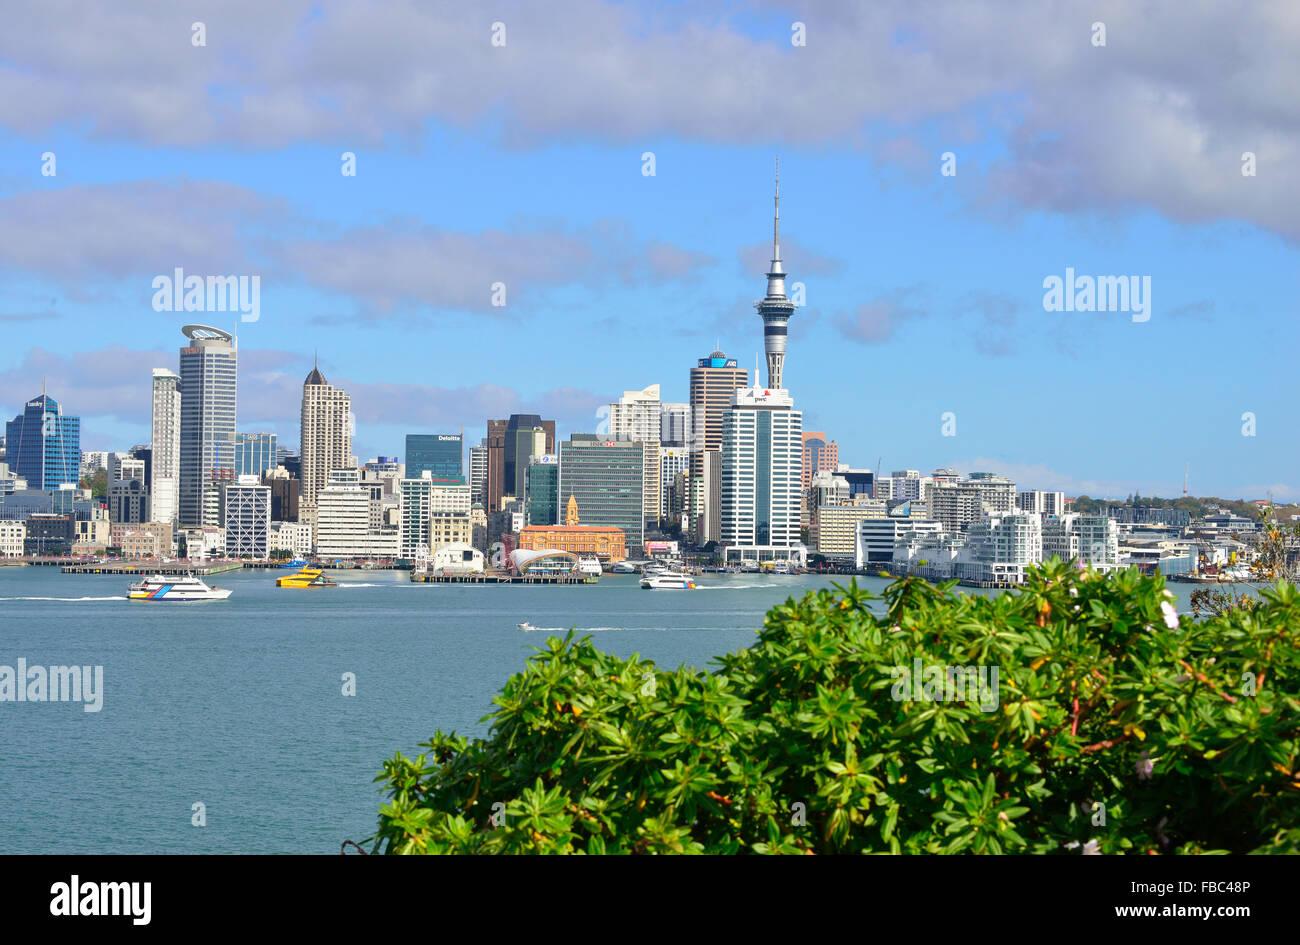 Ciudad de Auckland Nueva Zelanda , la icónica vista desde la orilla norte del puerto a punto de Devon Queenspoint Imagen De Stock